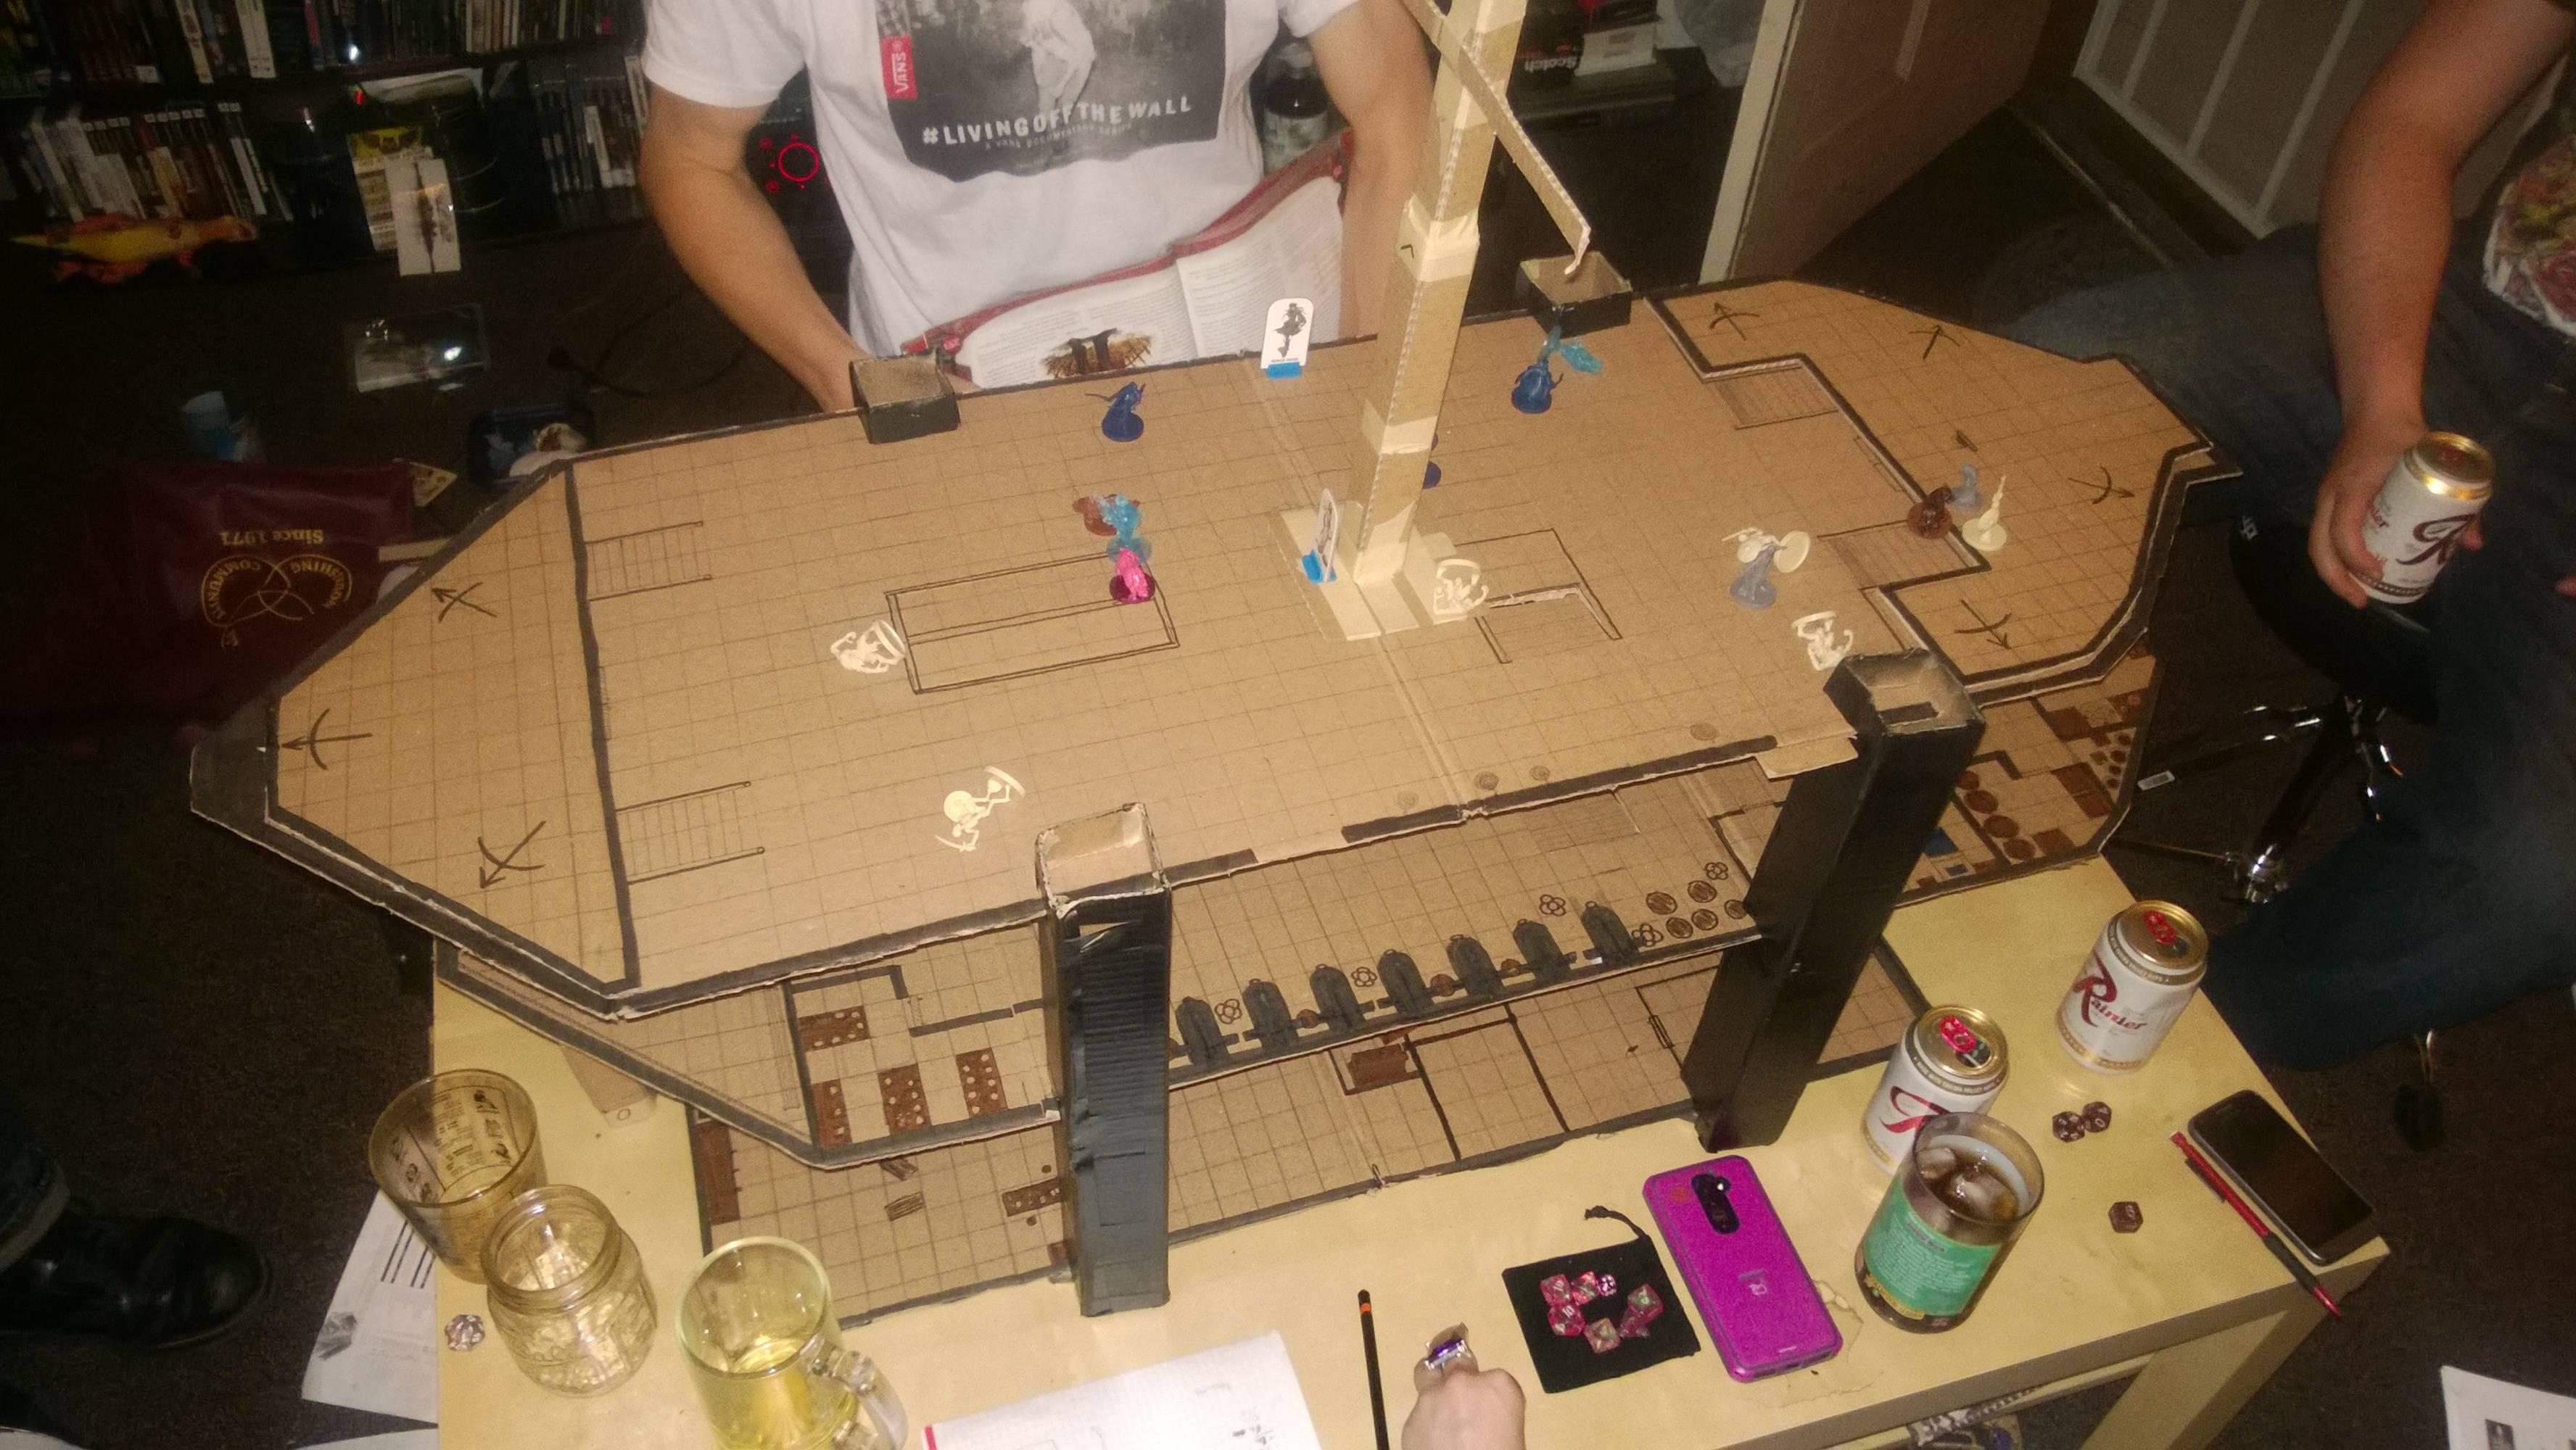 Drawn pirate d&d Build cardboard? Got pirate pirate